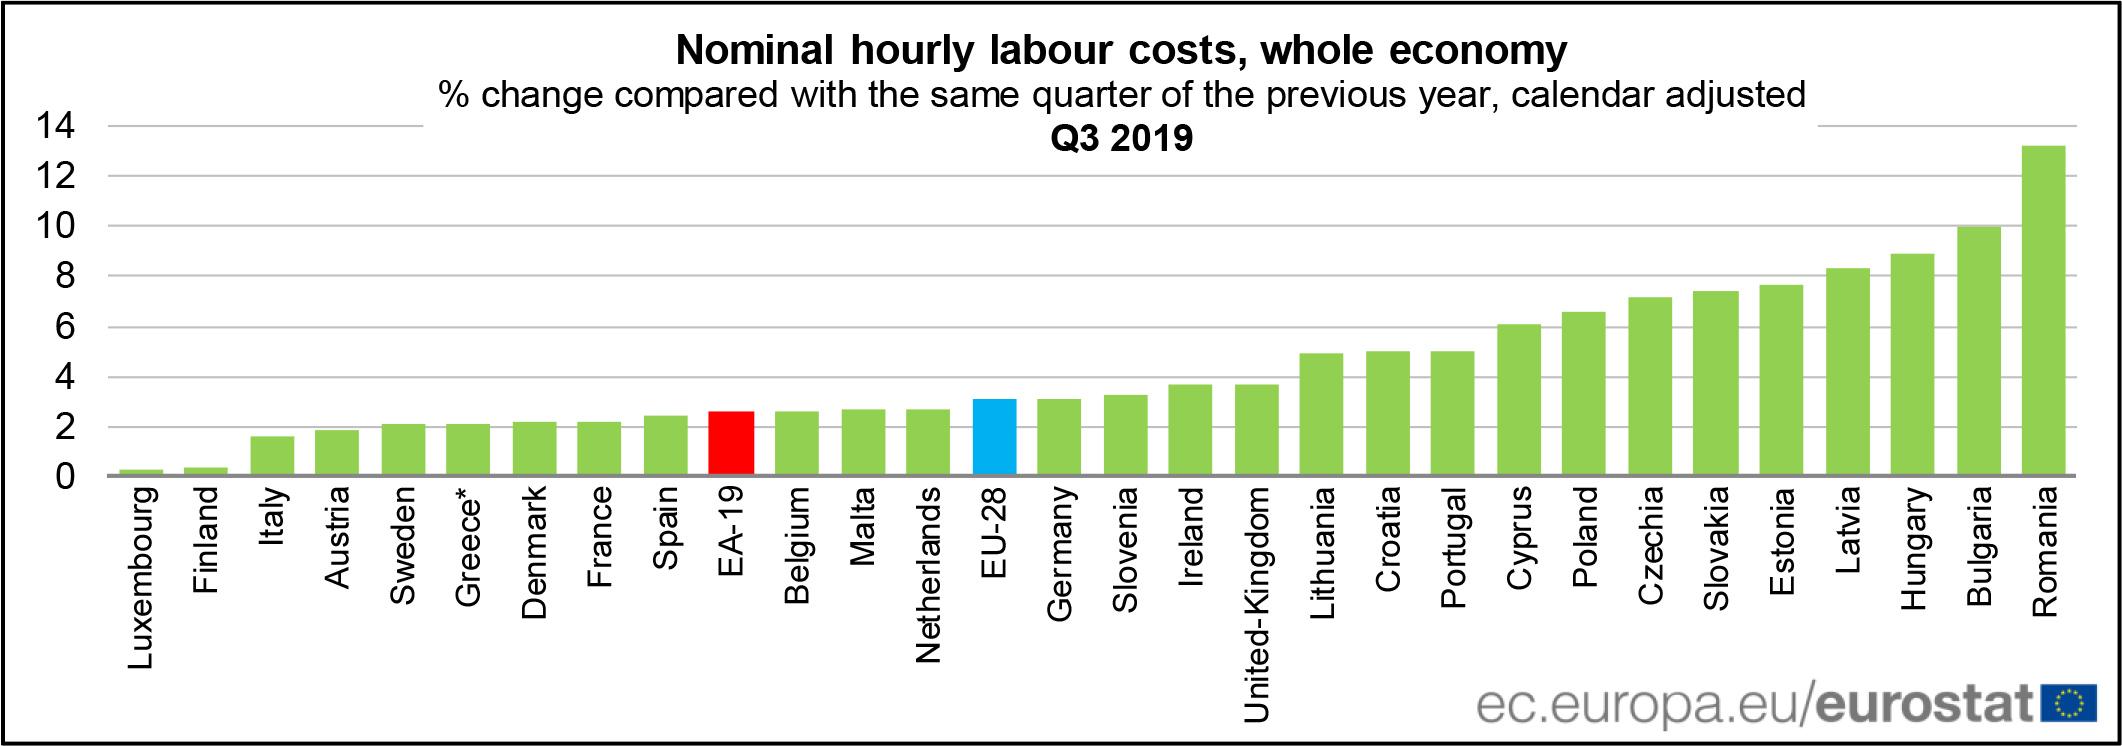 αύξηση του κόστους εργασίας